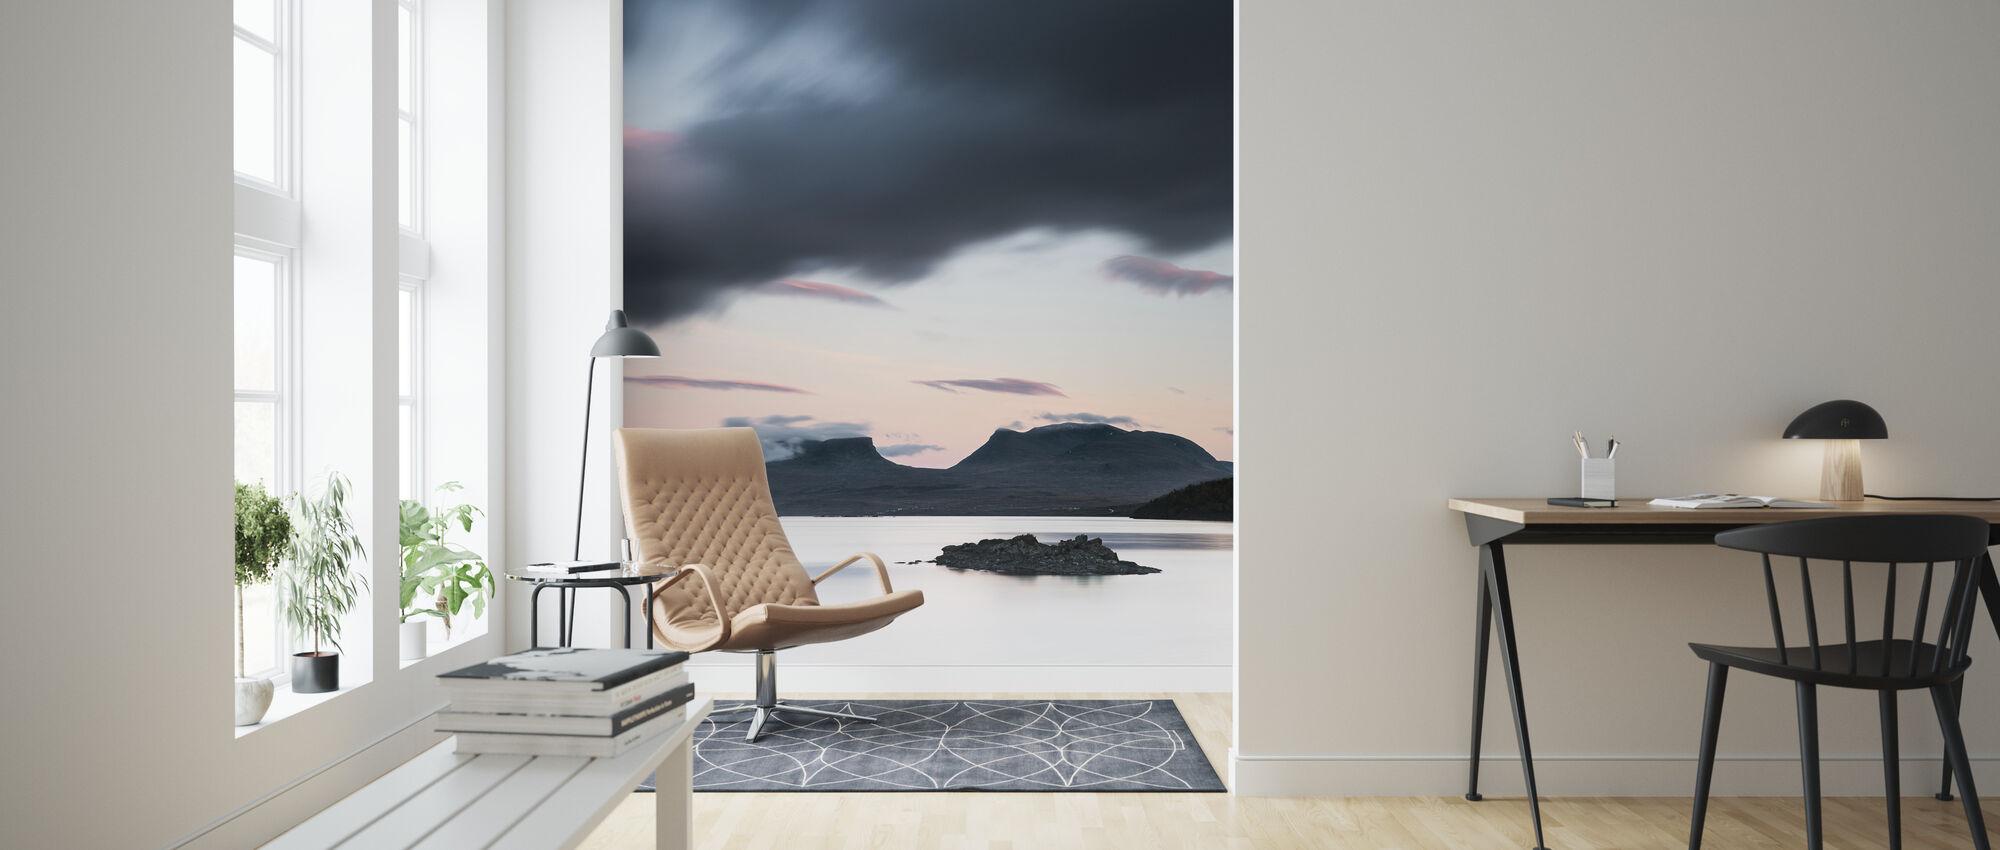 Lapporten & Torneträsk - Suecia - Papel pintado - Salón